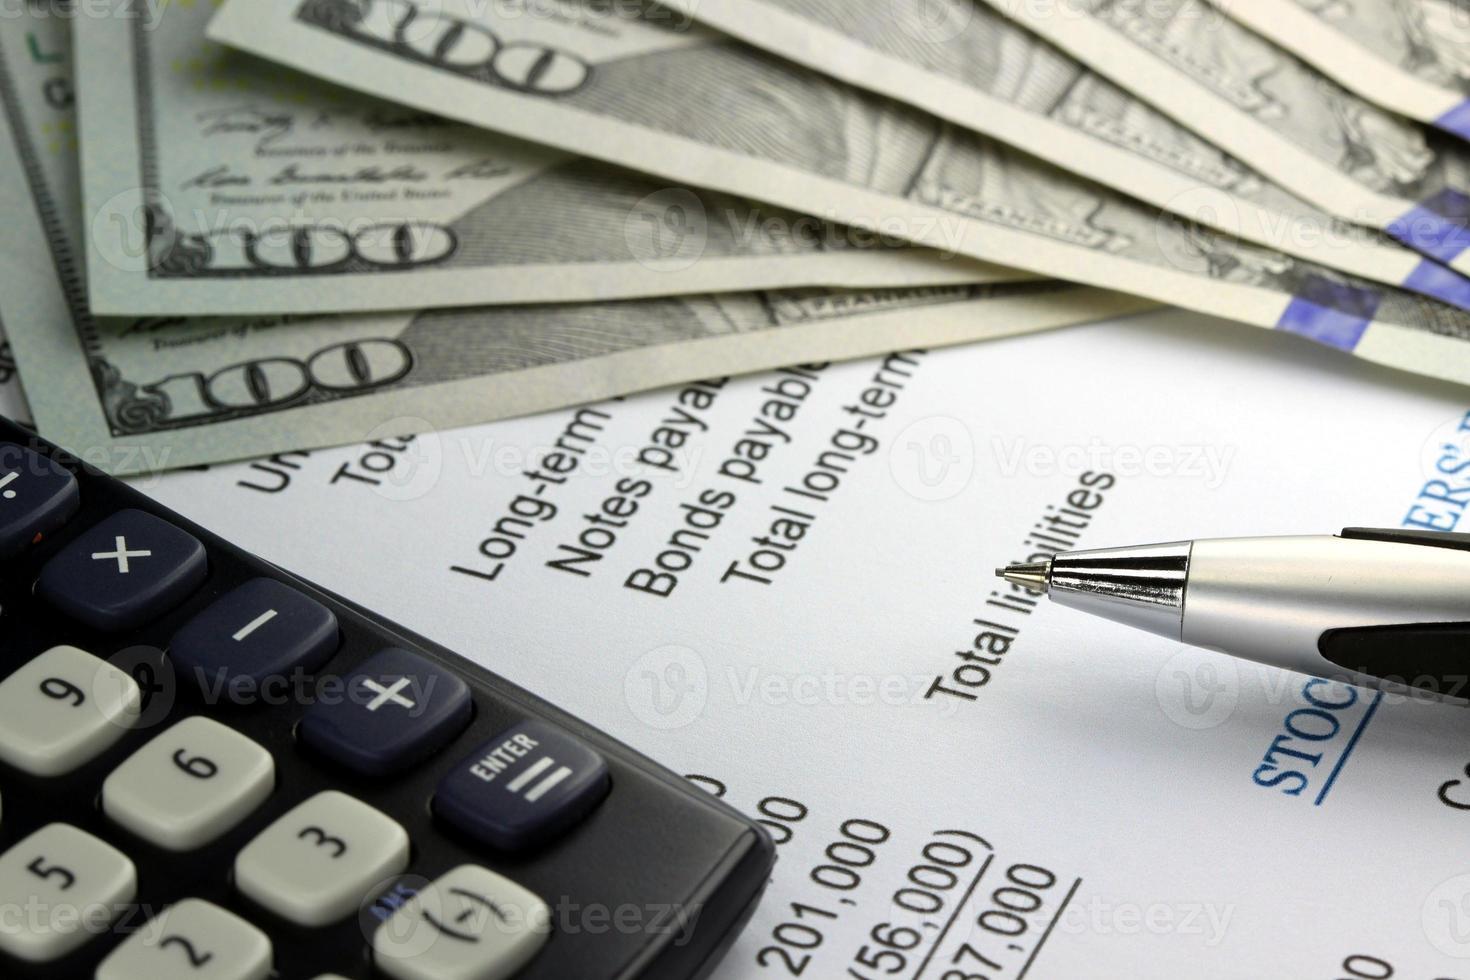 nosotros moneda, calculadora y documentos financieros closeup foto